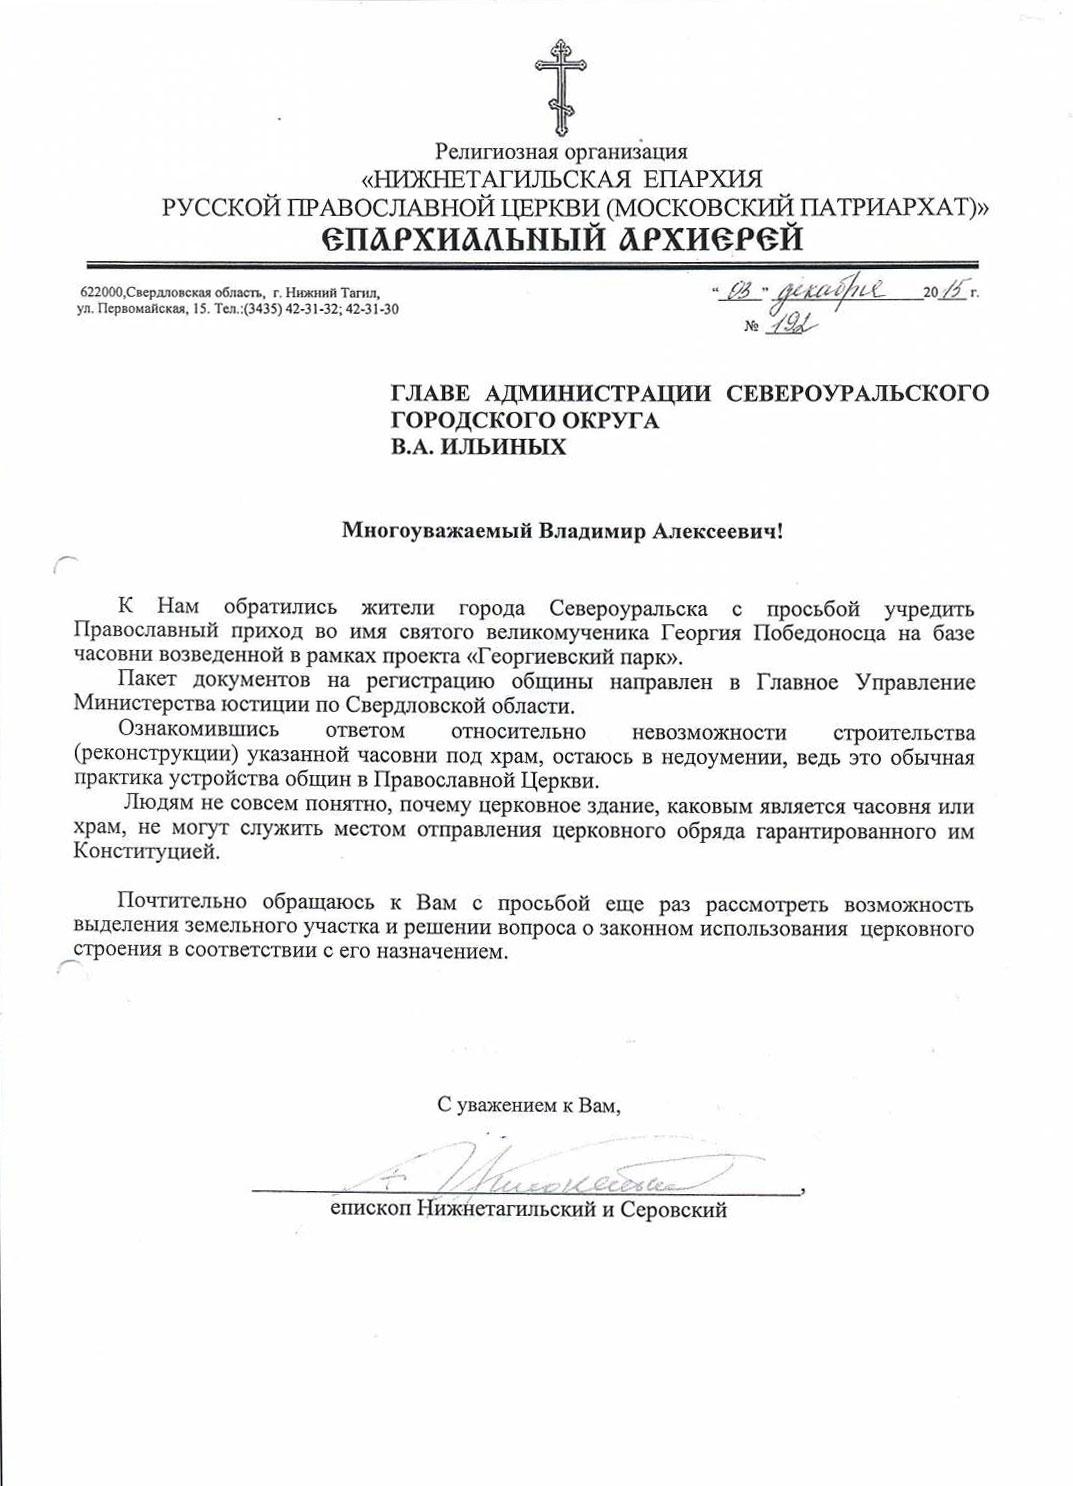 Обращения Епископа Нижнетагильского и Серовского к главе администрации СГО